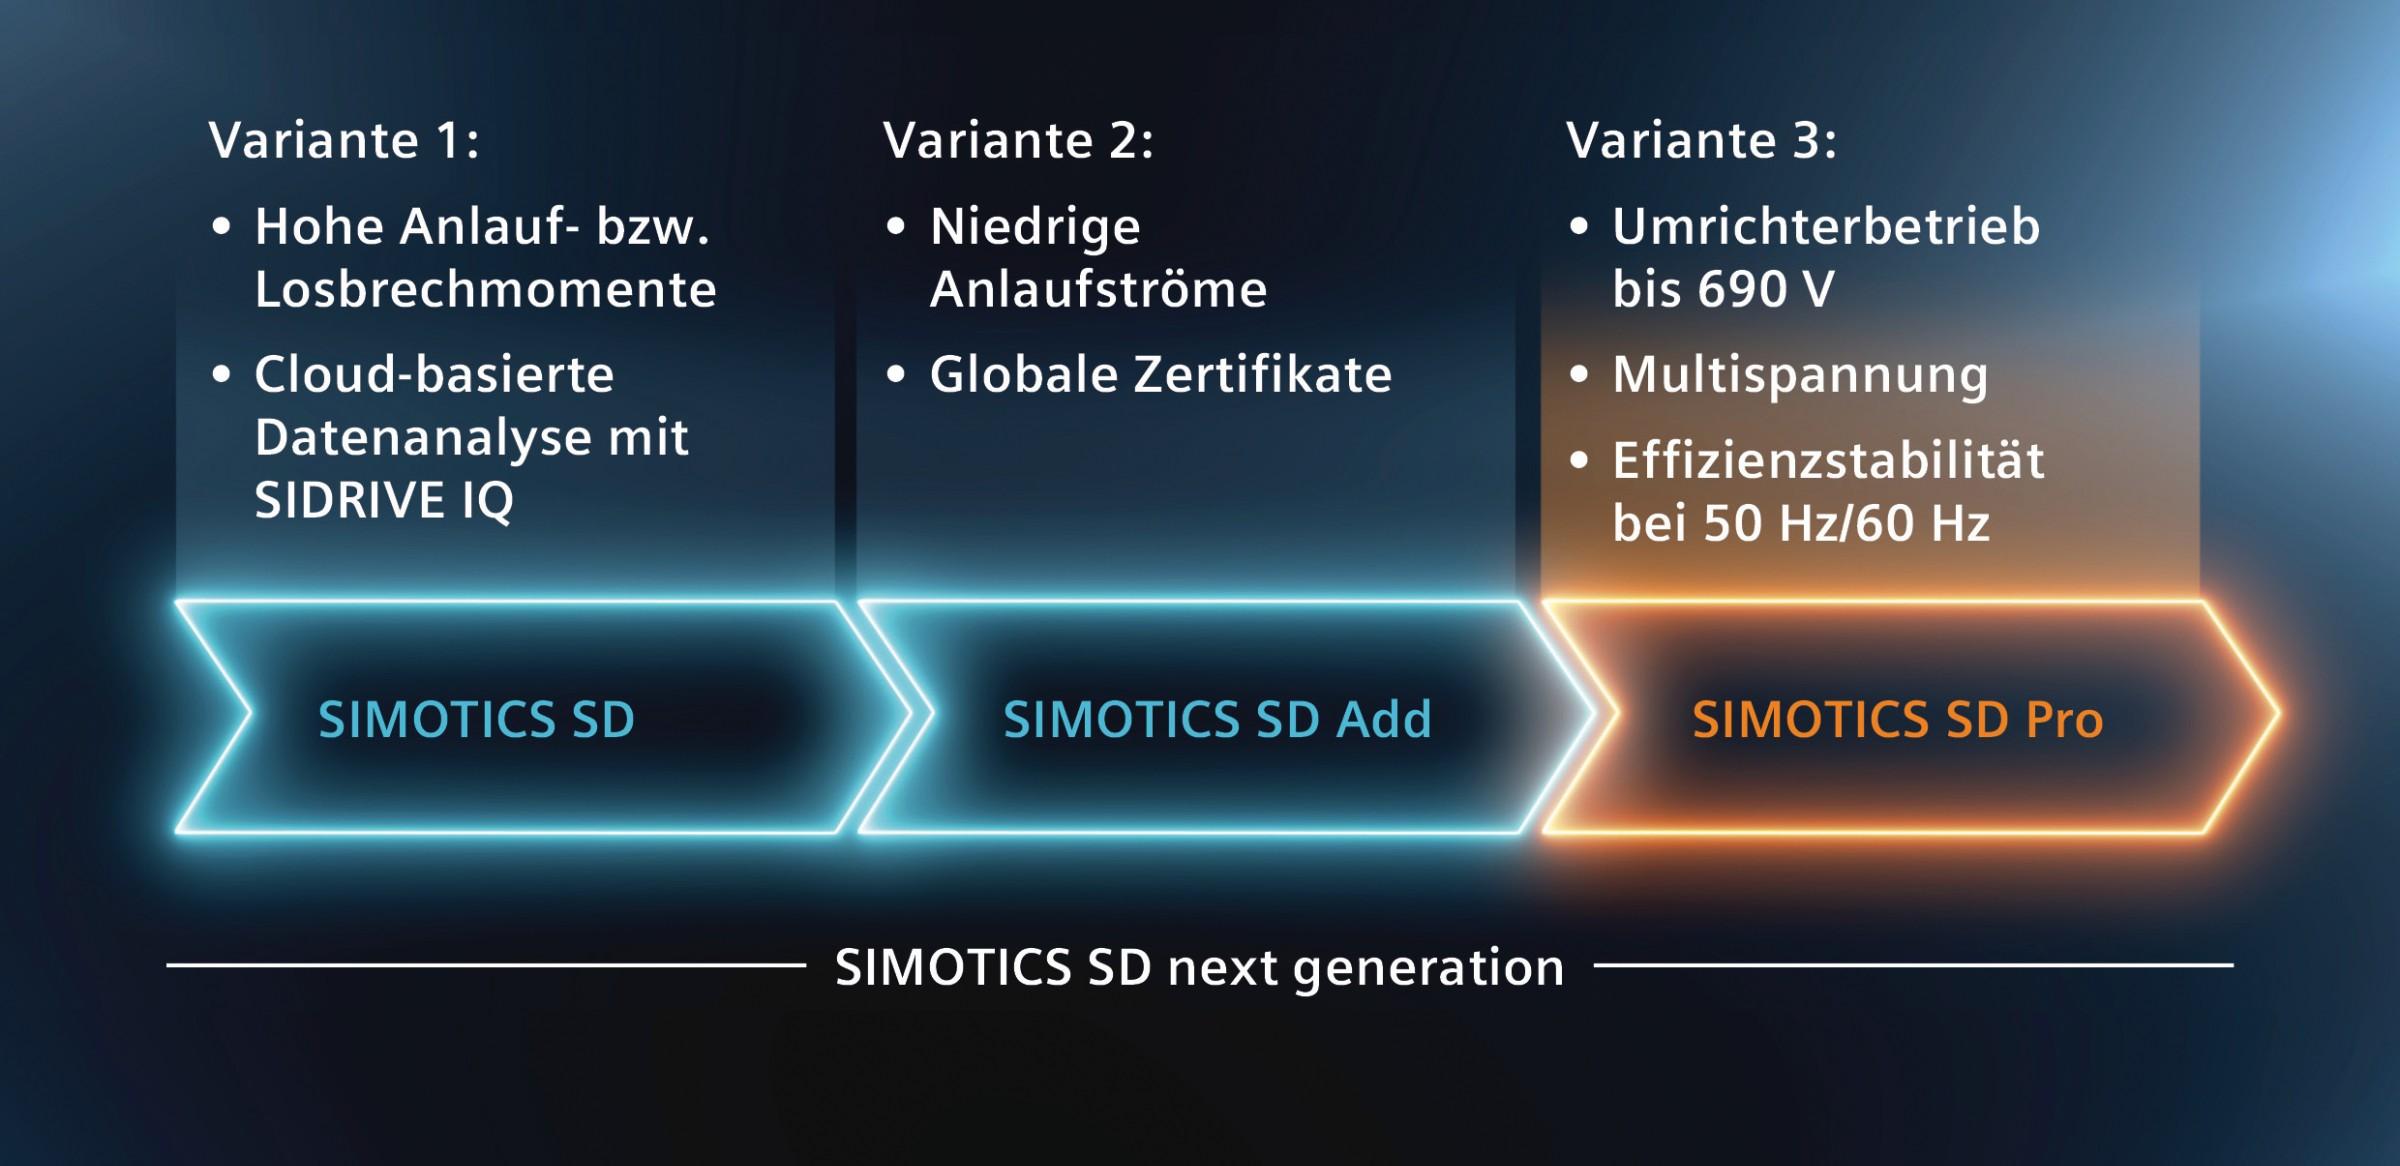 Bild 2 Mit nun drei Varianten erfüllt die Severe-Duty-Motorenreihe Simotics SD next generation hoch flexibel unterschiedlichste Anforderungen diverser Branchen und Anwendungen. Bild Siemens